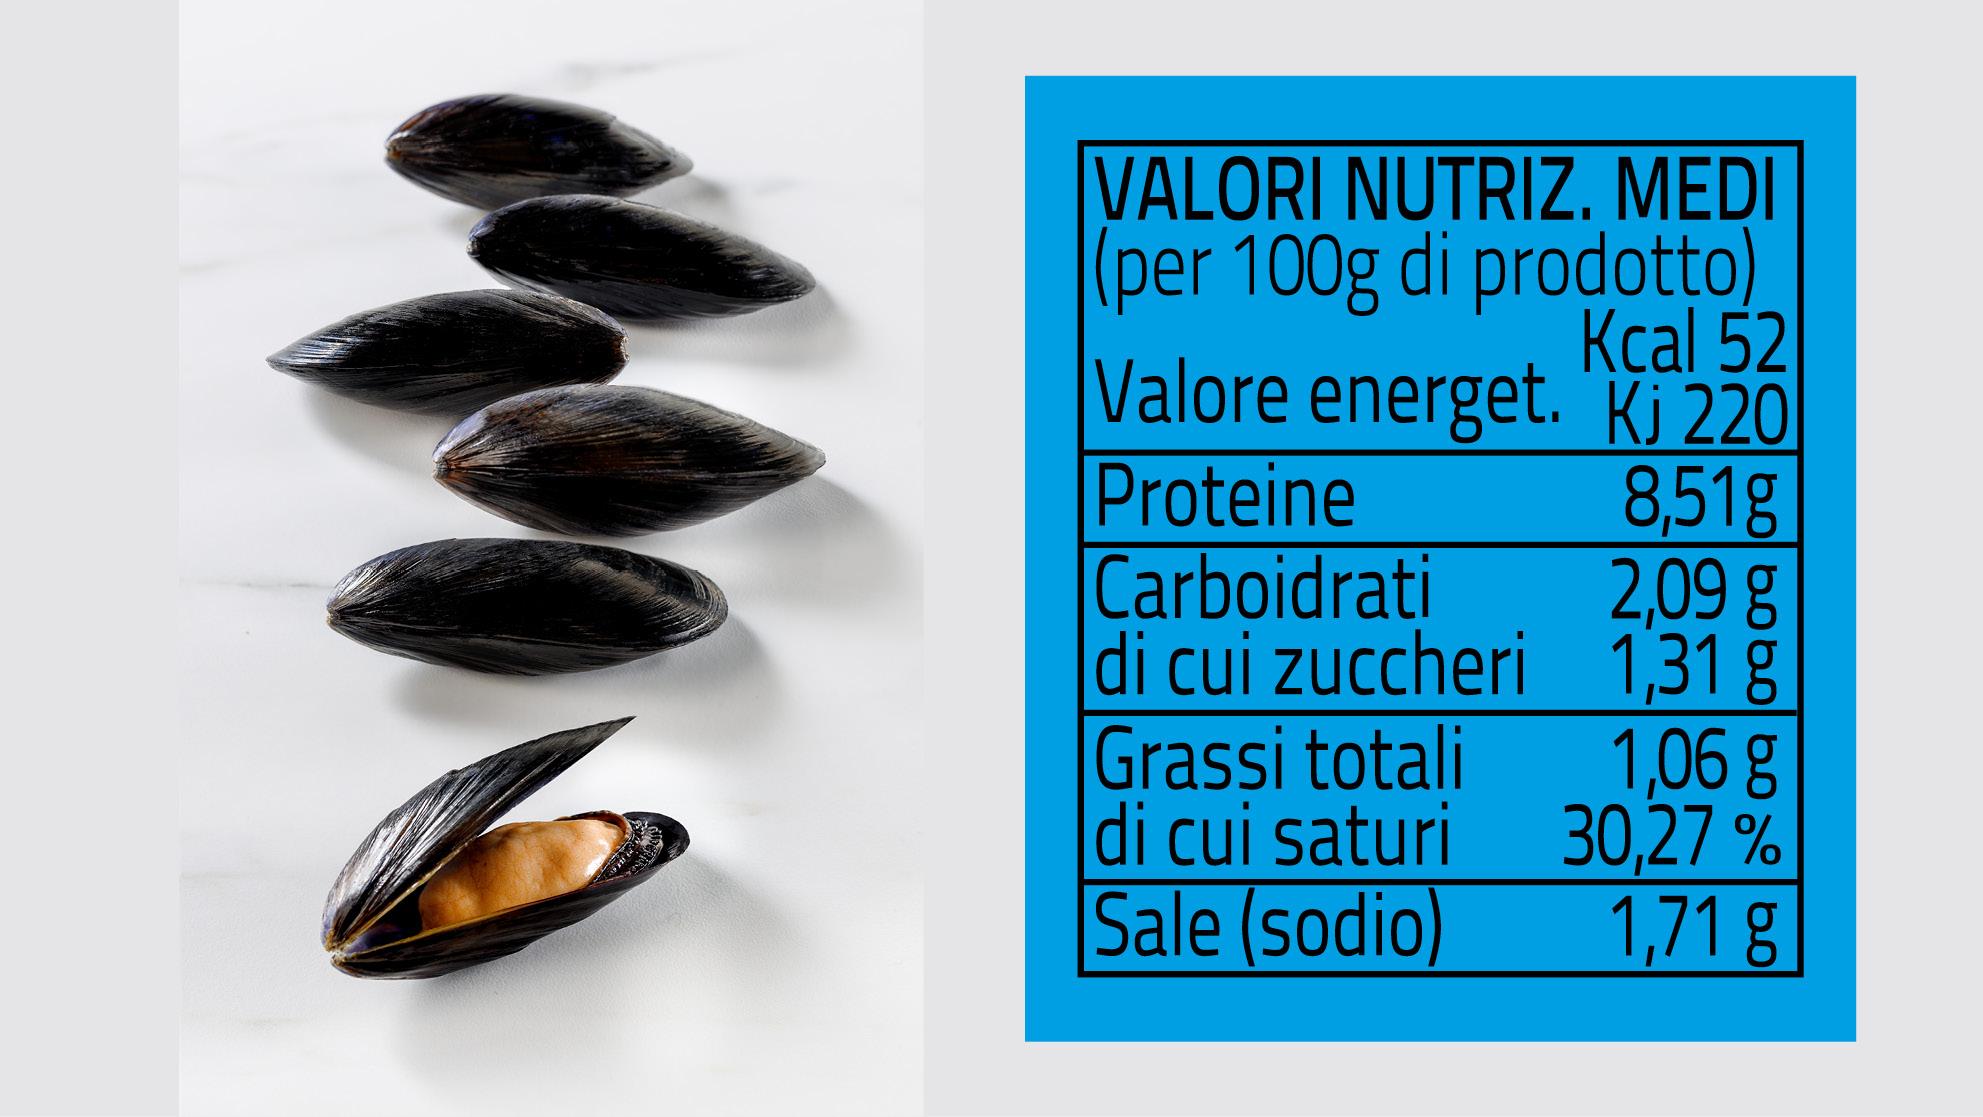 Cozze e non solo: calorie e valori nutrizionali